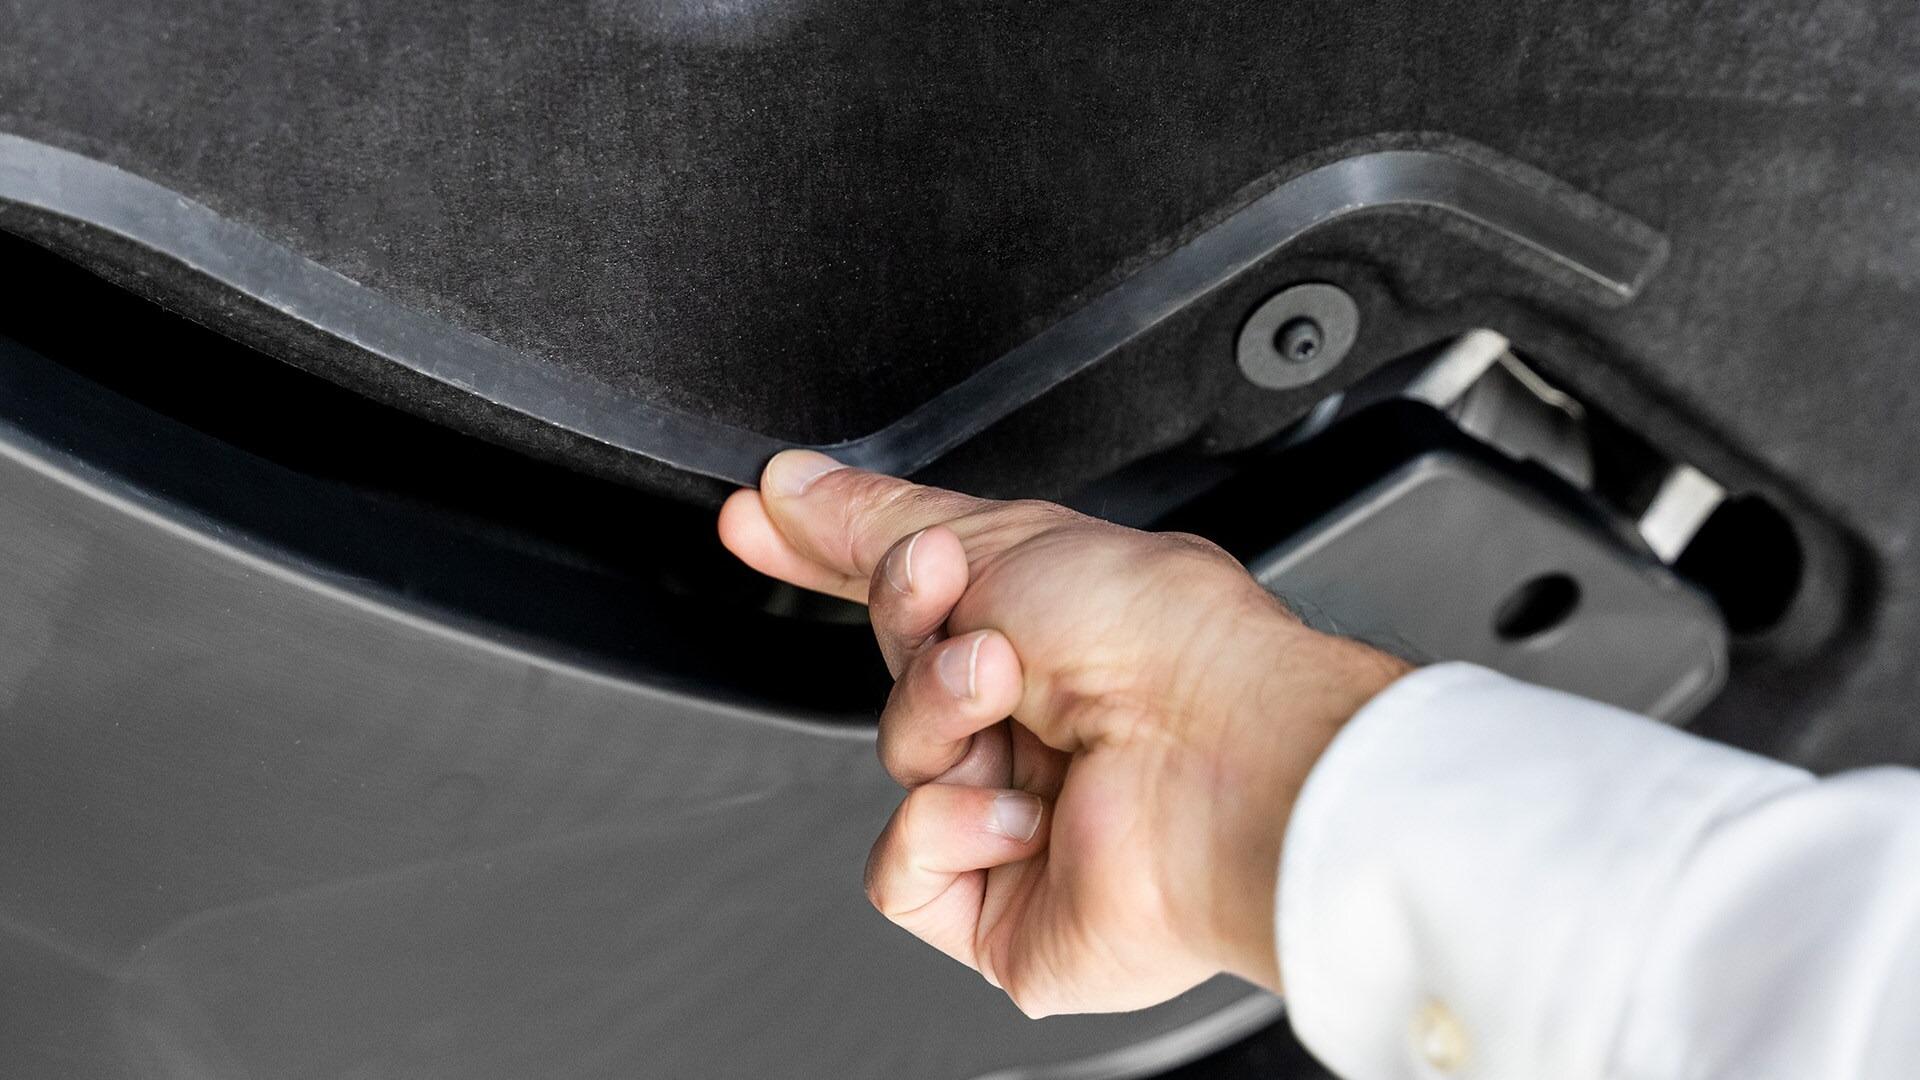 Neznatno, toda učinkovito: plastični trak na podvozju zelo učinkovito usmerja zračni tok